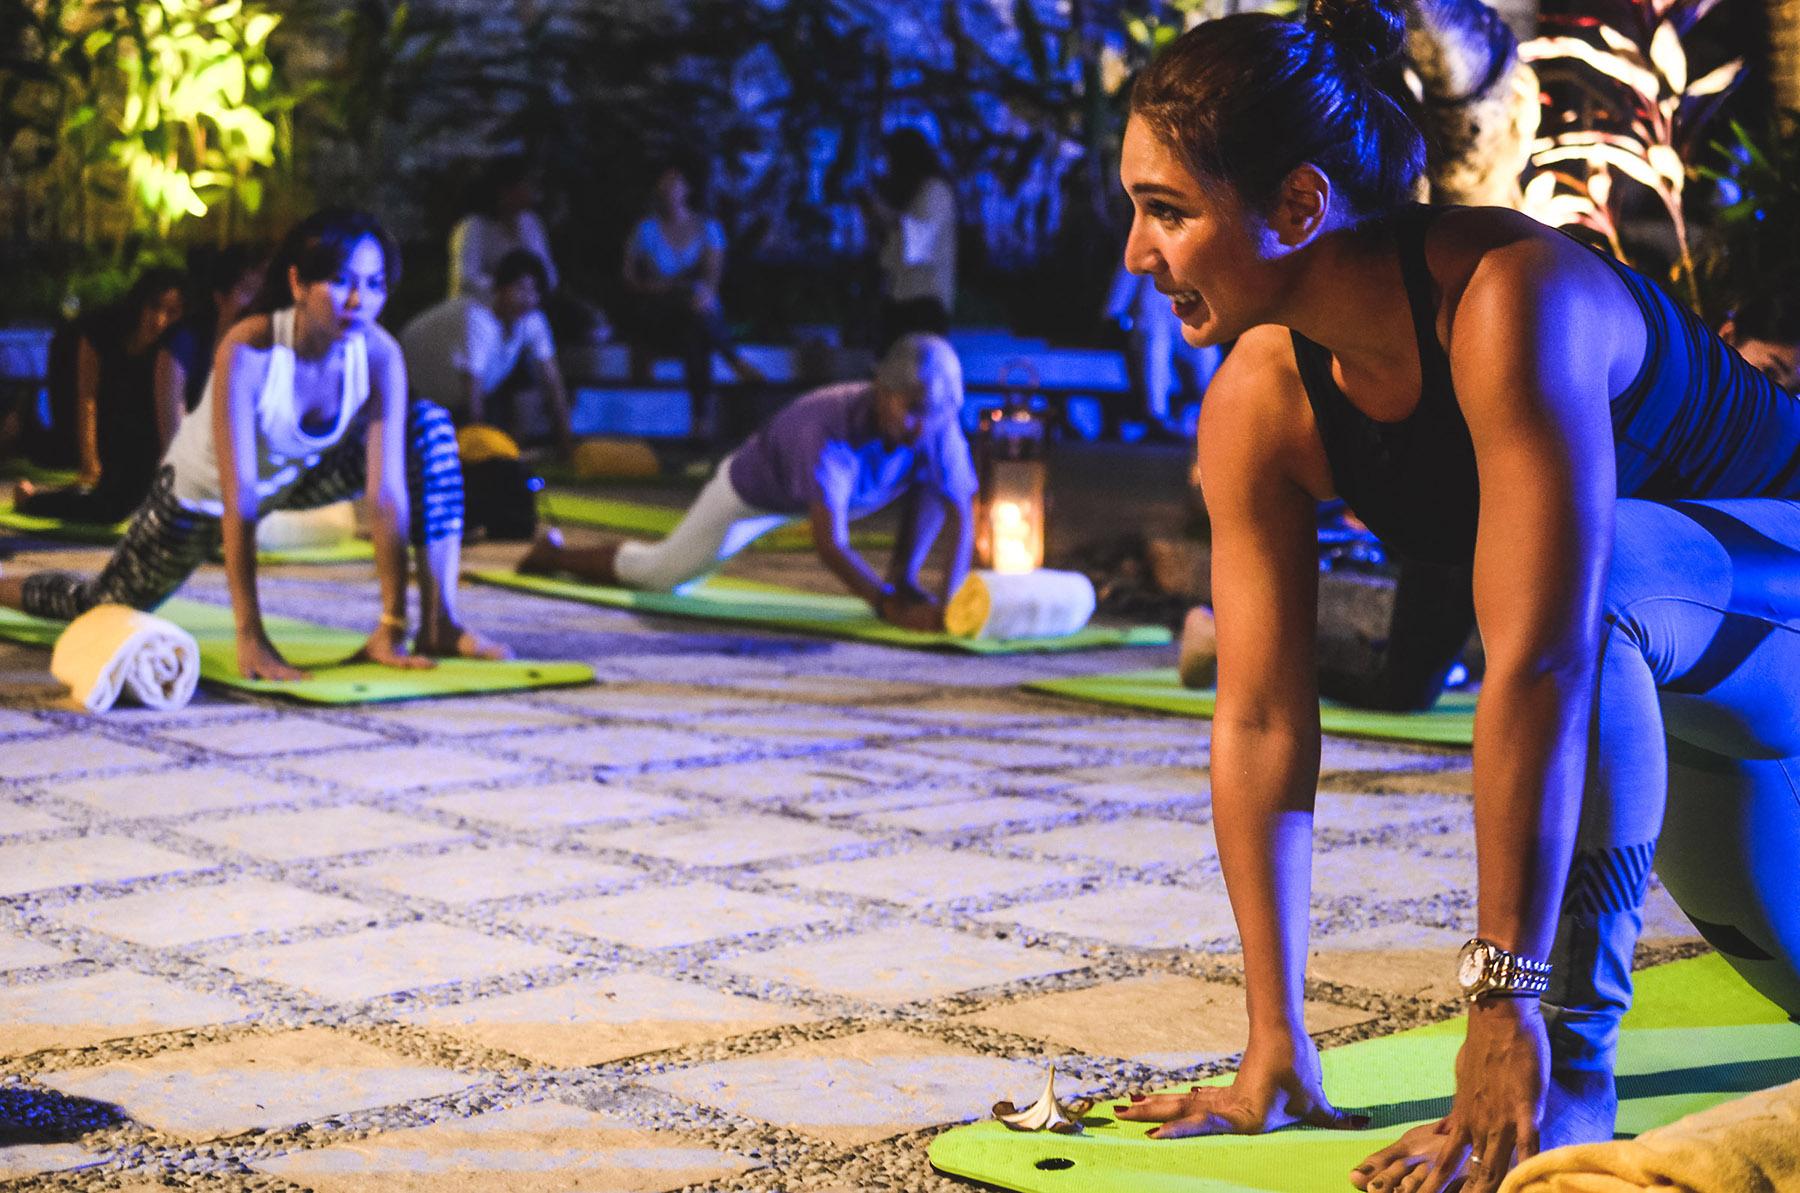 Candlelight yoga led by celebrity yoga instructor, Bubbles Paraiso